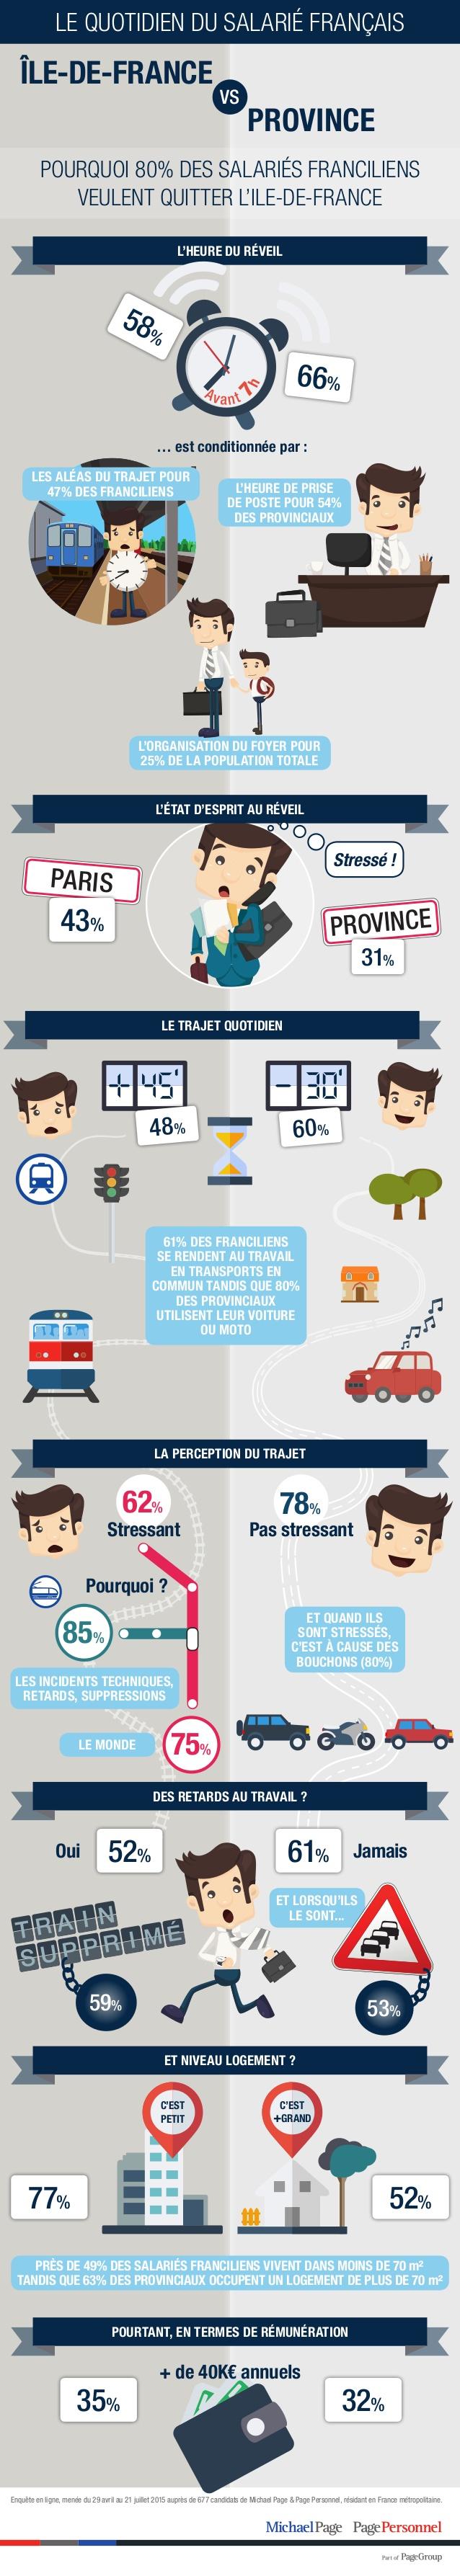 etude_michael_page_paris_vs_province